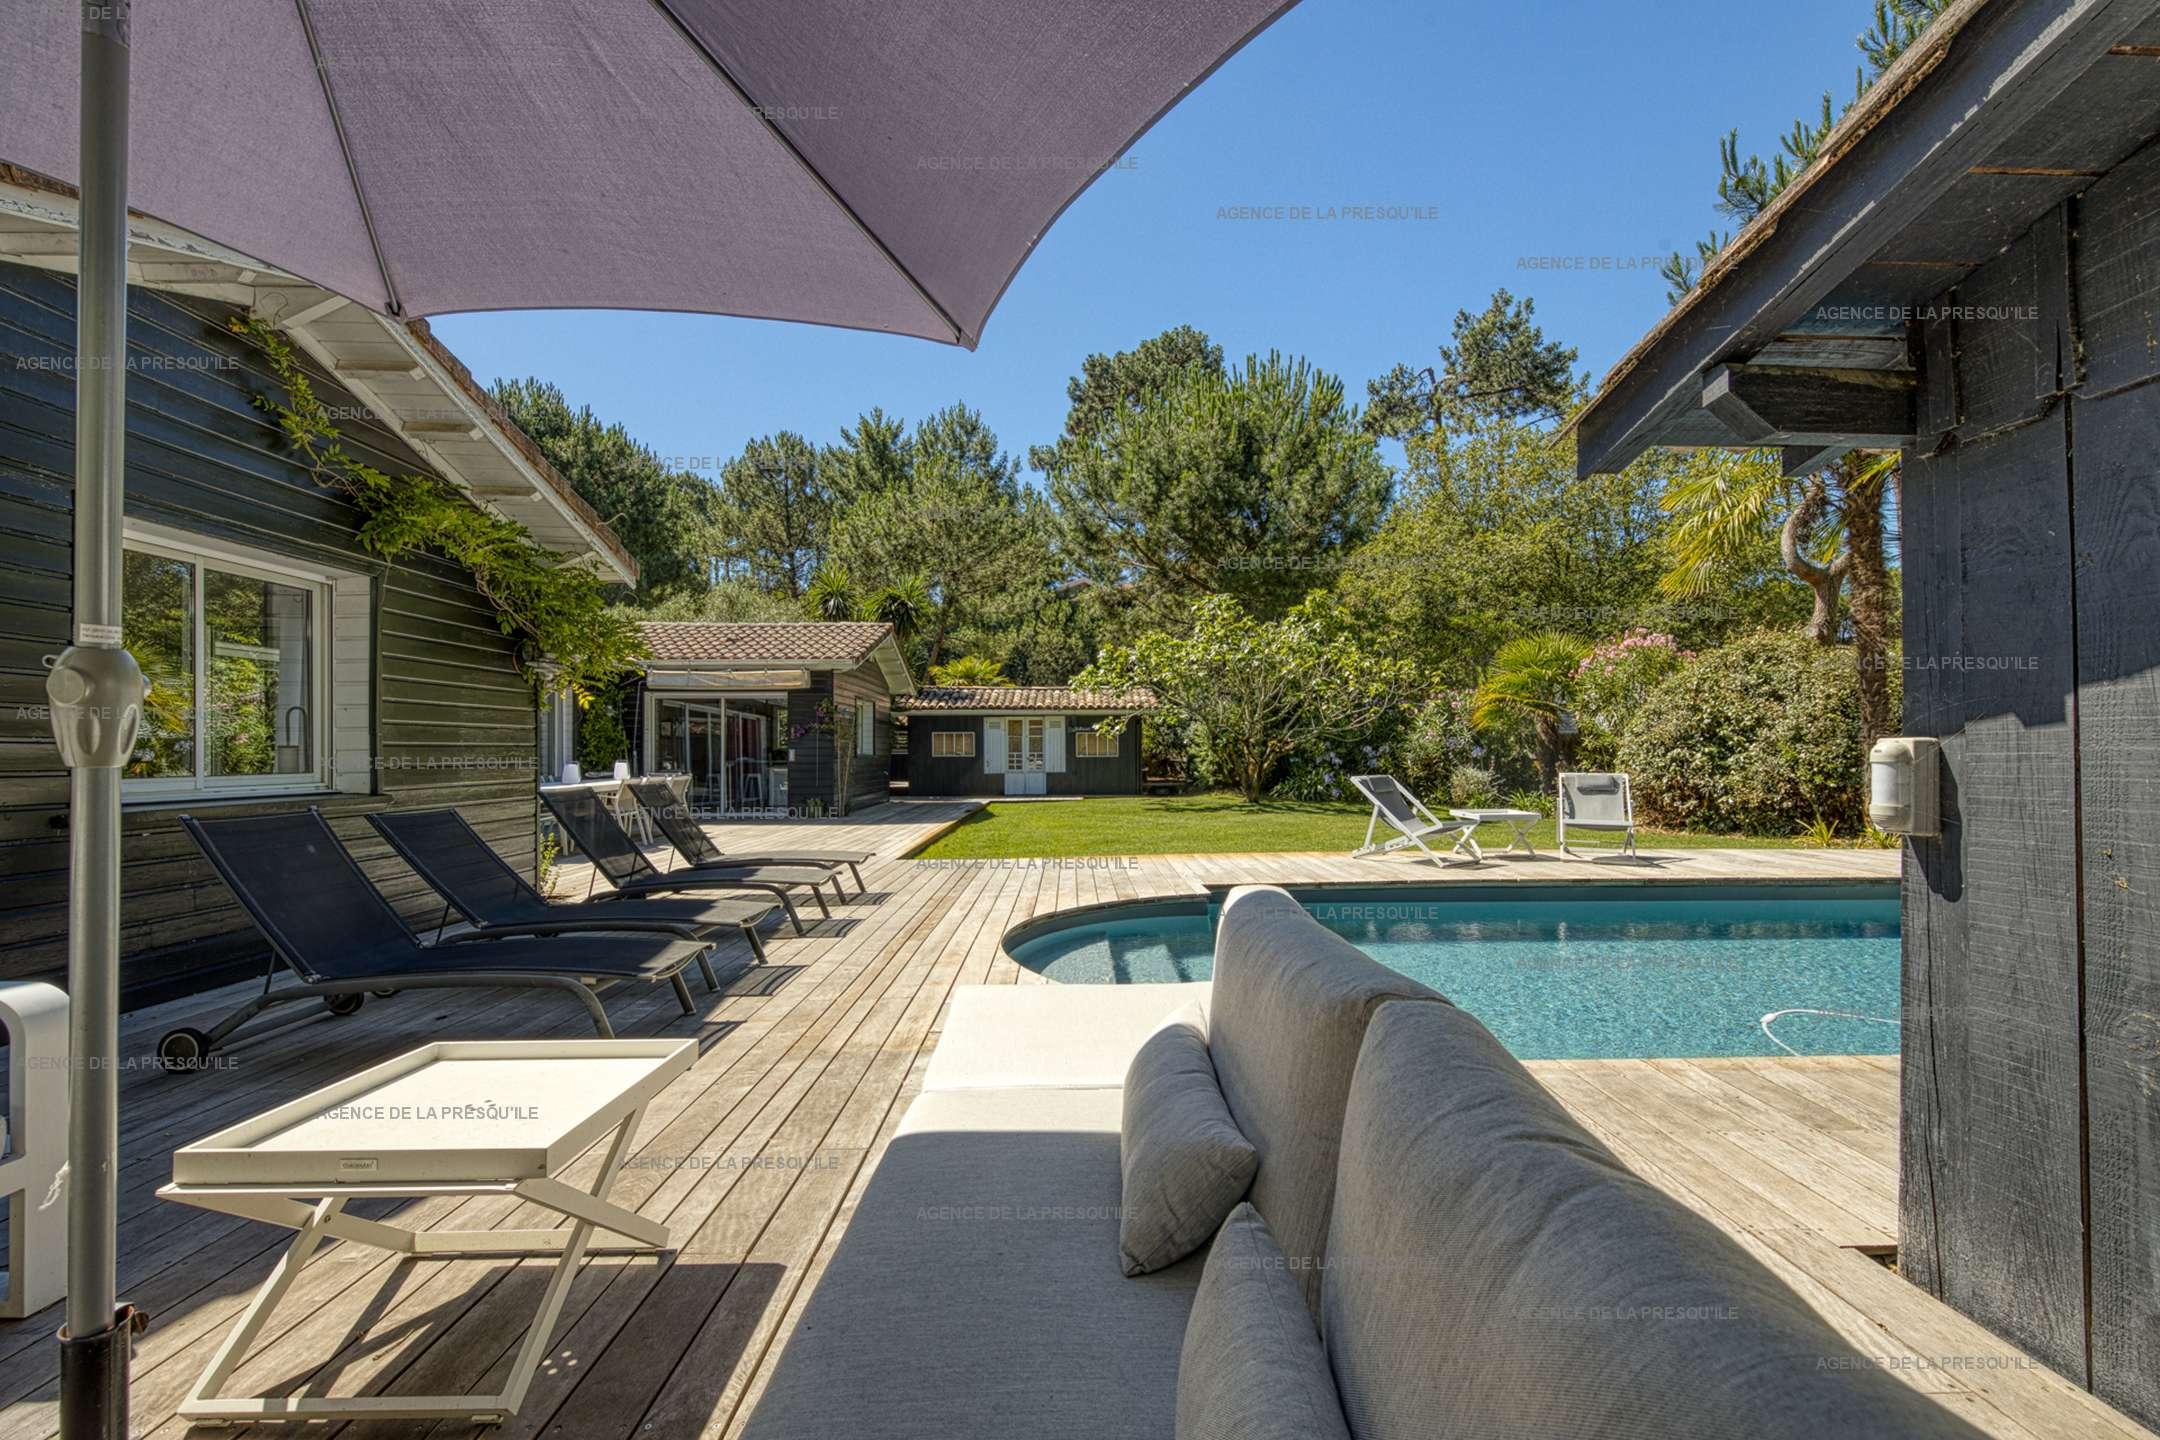 Location: Au calme, très belle villa en bois avec piscine chauffée 12